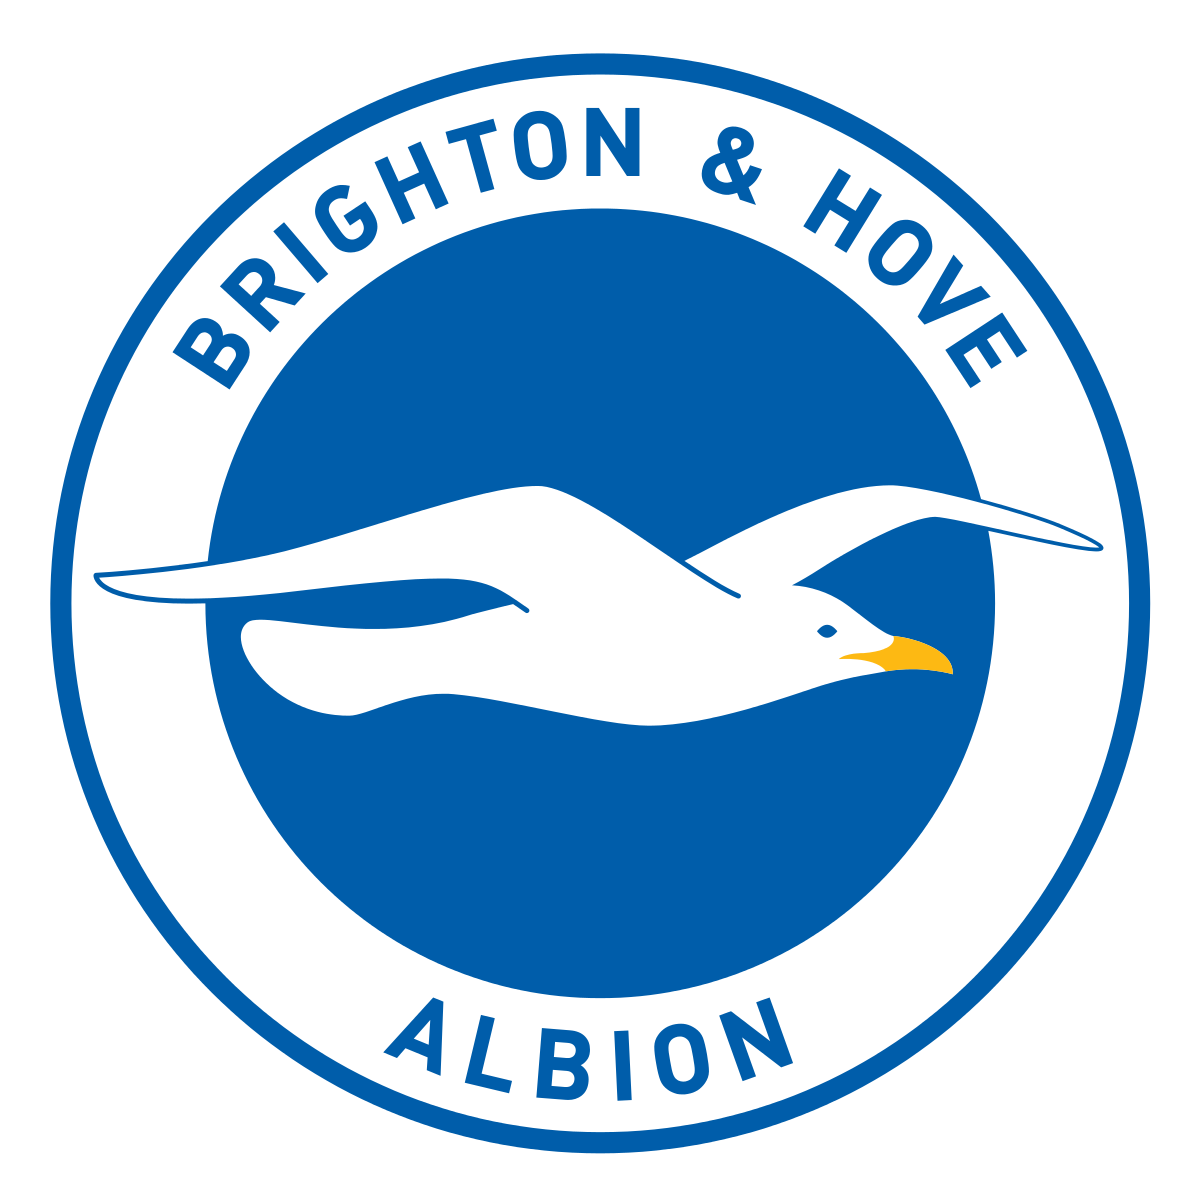 Брайтън U23 - Logo